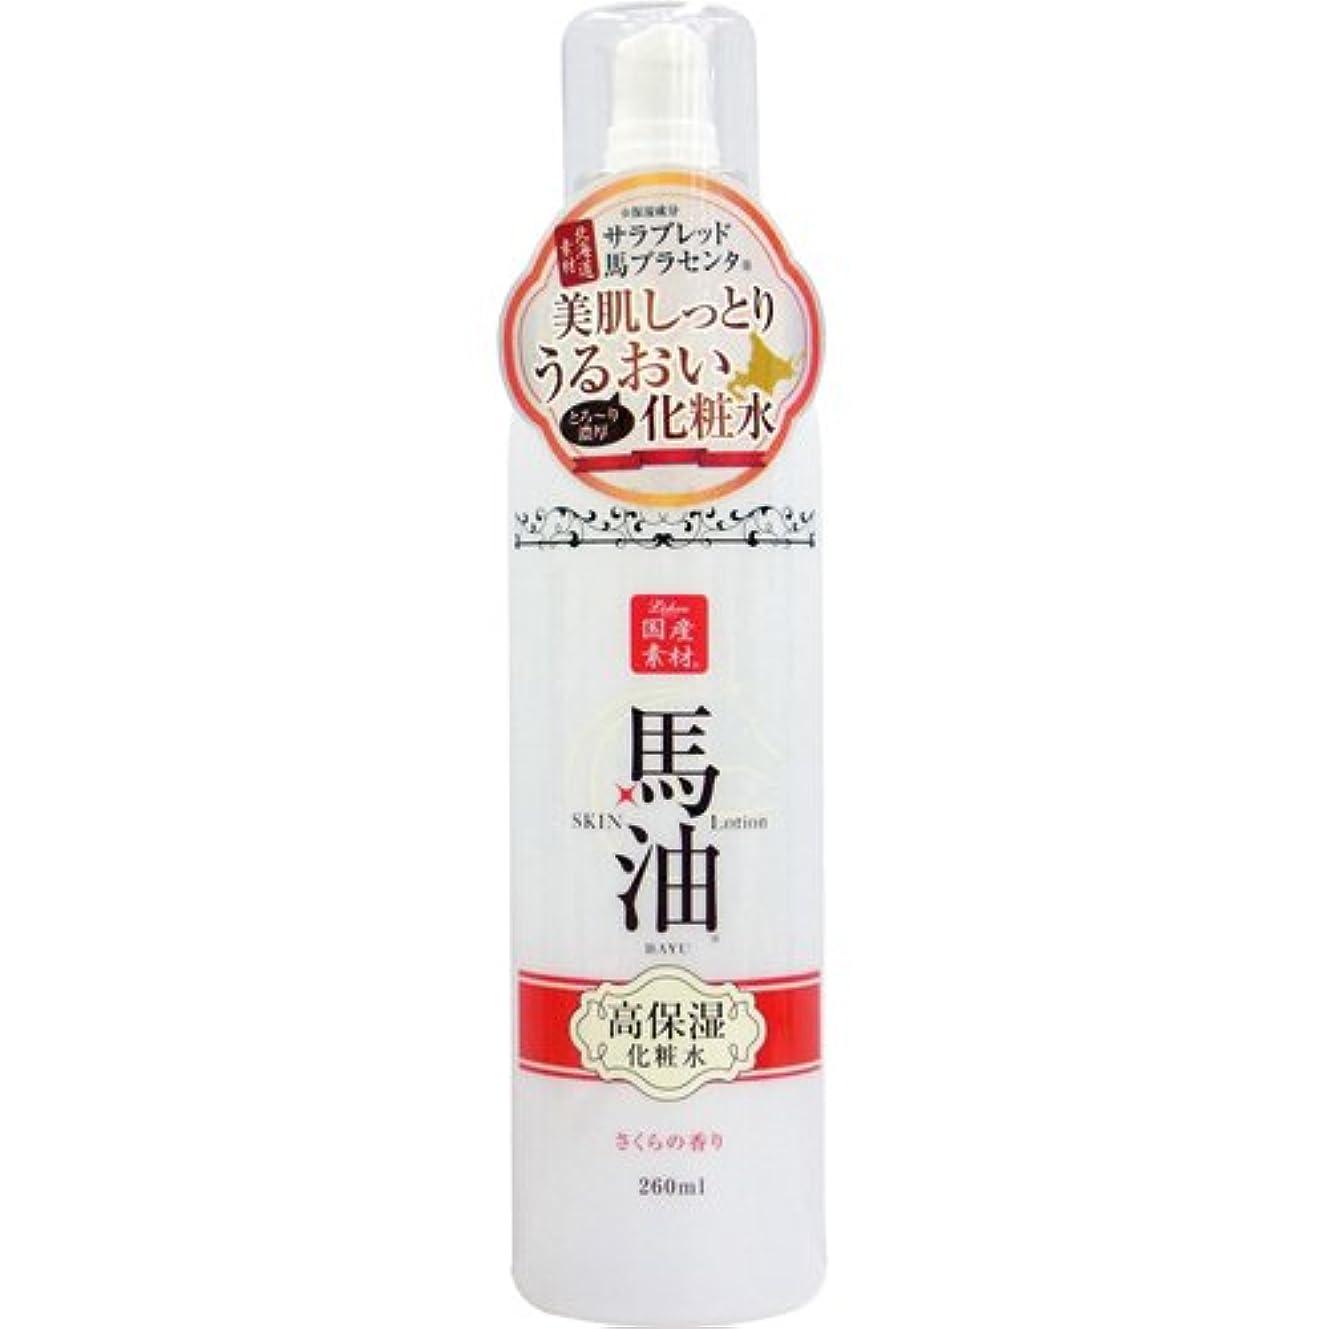 クリップ蝶聴衆乏しいリシャン 馬油化粧水 (さくらの香り) (260mL)